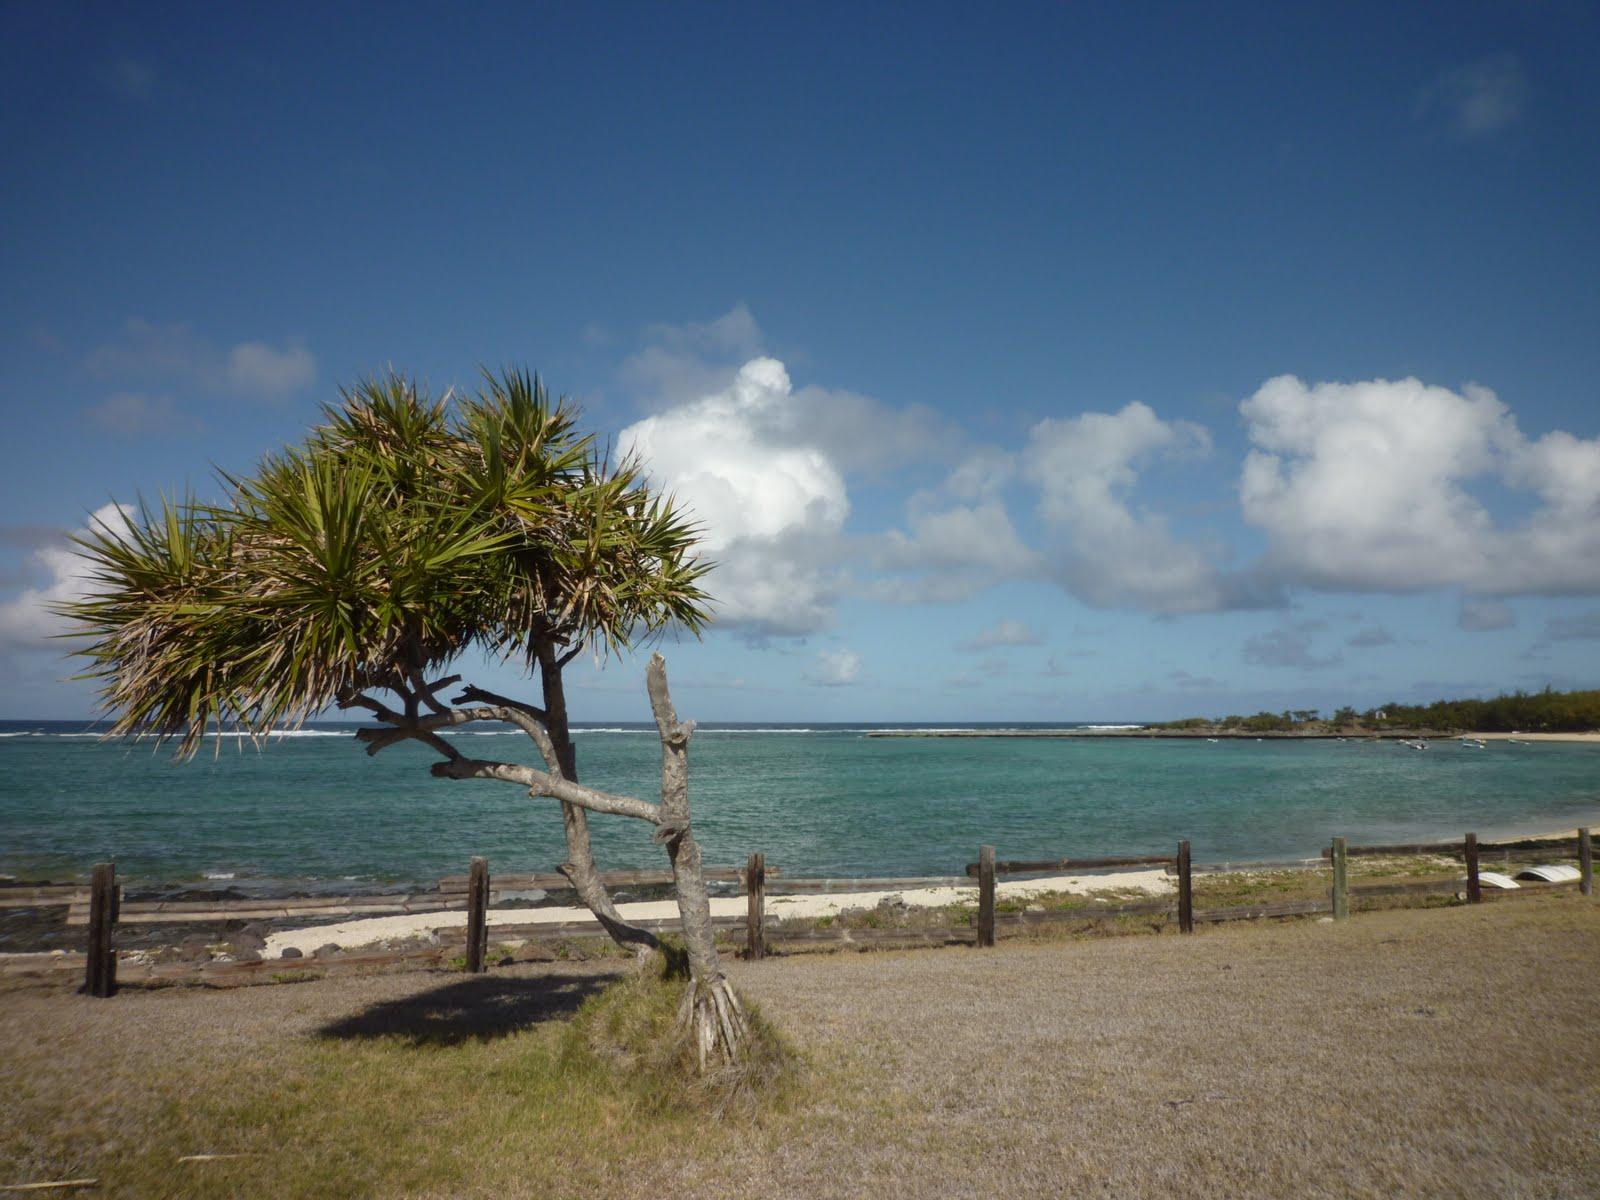 Mayotte Papyllon L 238 Le Rodrigues 25 Dec 2010 1er Jan 2011 border=